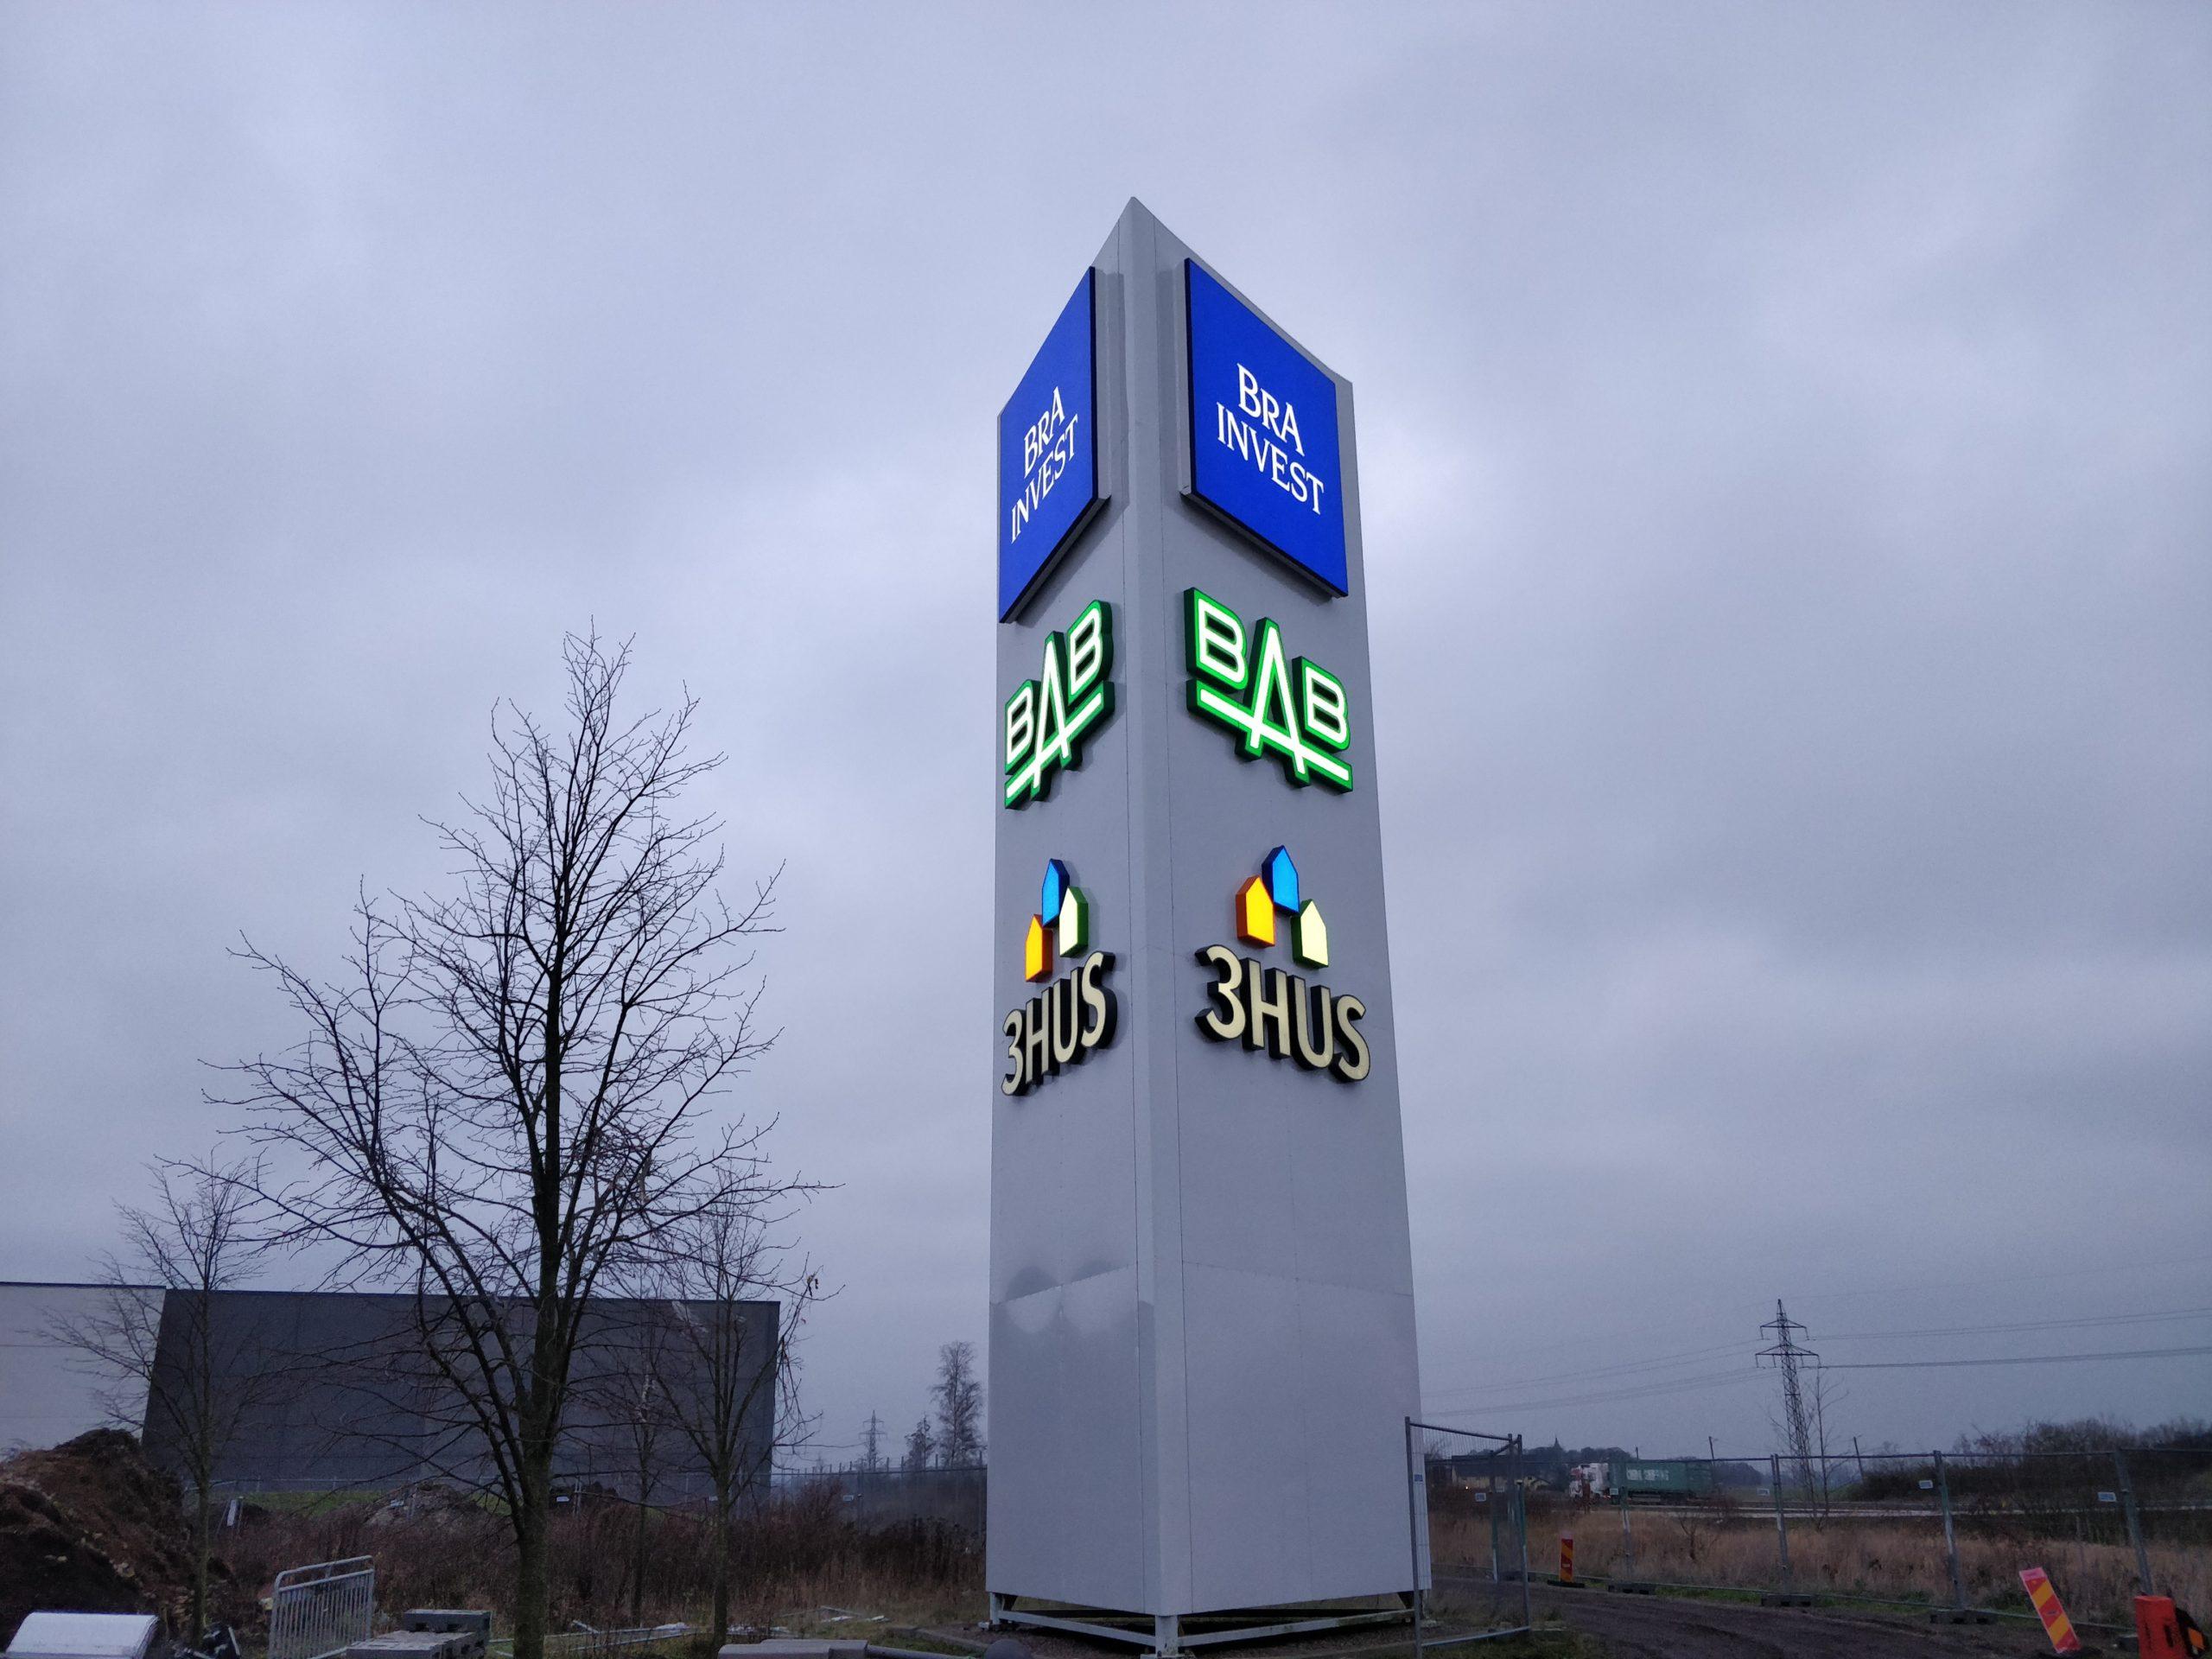 BRA Invest, BAB Bygg, 3HUS, profil 4, Pylon, stolpskylt, fasadskylt, skylt, malmö, åstorp, ledskylt